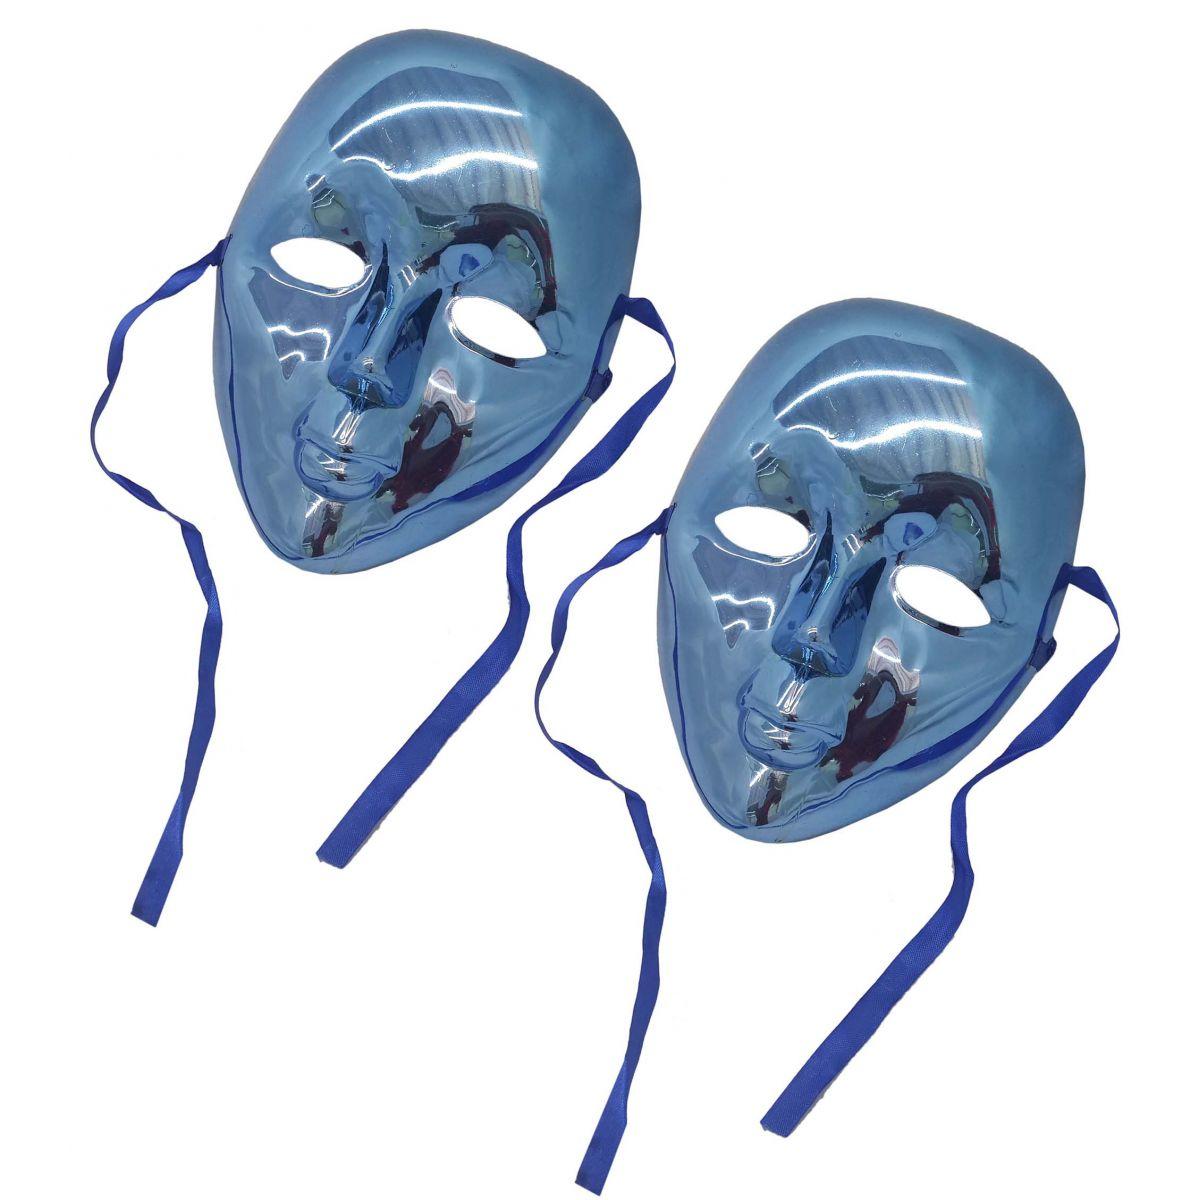 Conjunto 2 Mascaras Para Festa Baile Carnaval Halloween Fantasia Metalizada  Azul (BL-0258- 81eb052bd97